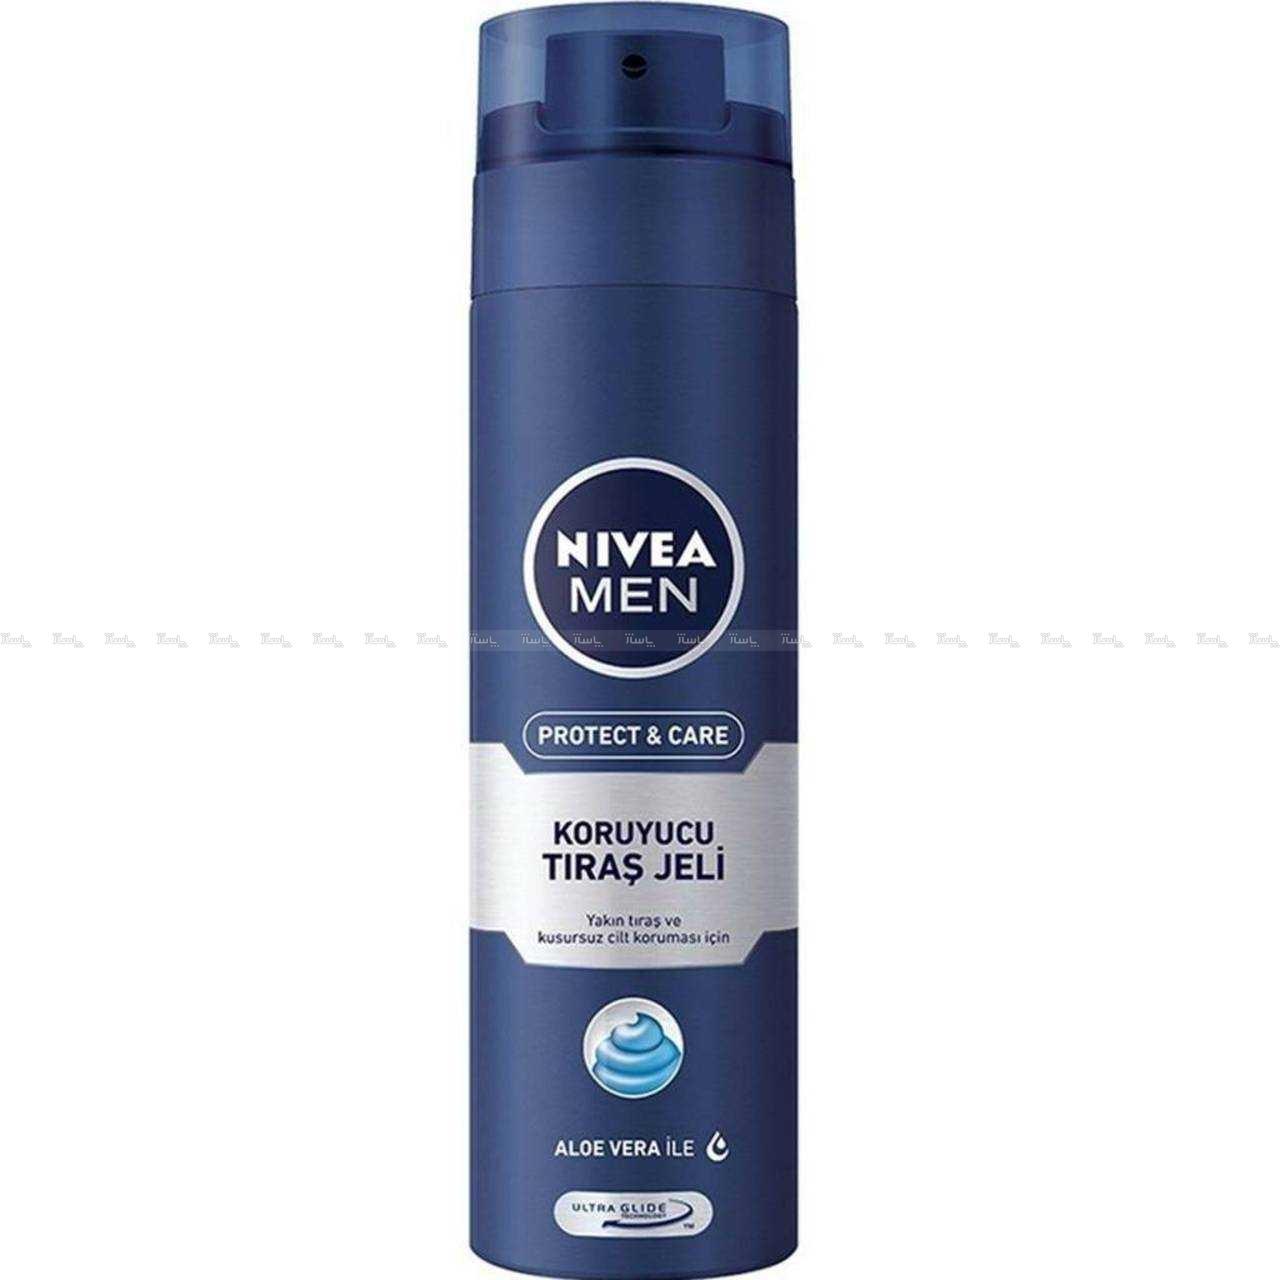 ژل اصلاح مردانه نیوآ مدل Nivea Protect And Care-تصویر اصلی